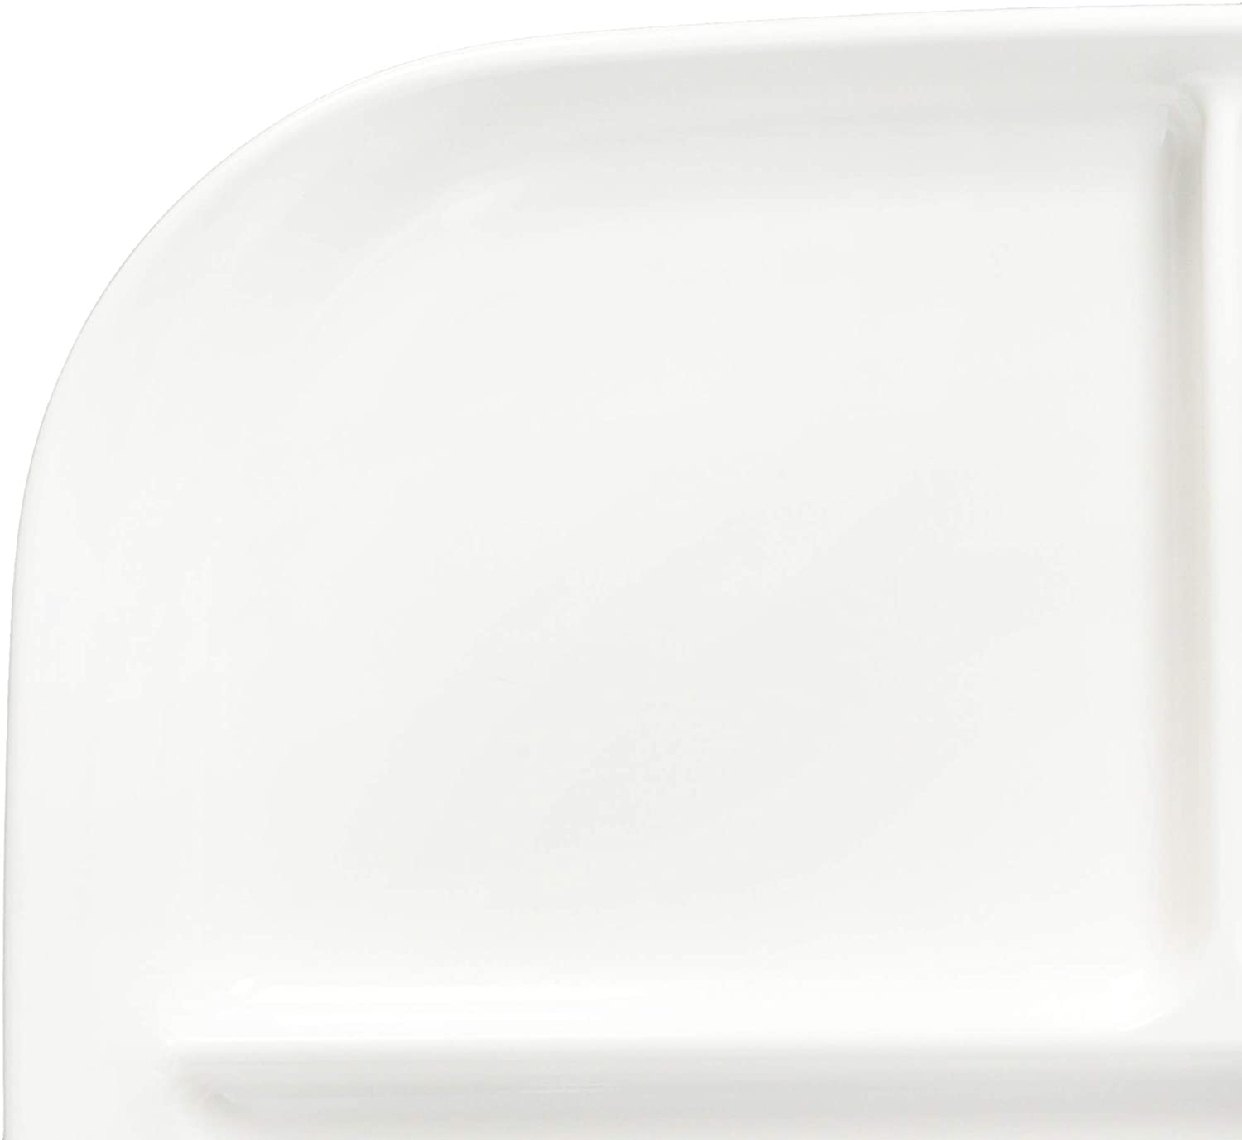 パール金属(PEARL) あつかいやすい仕切付スクエアプレート(ホワイト) K-6388の商品画像4